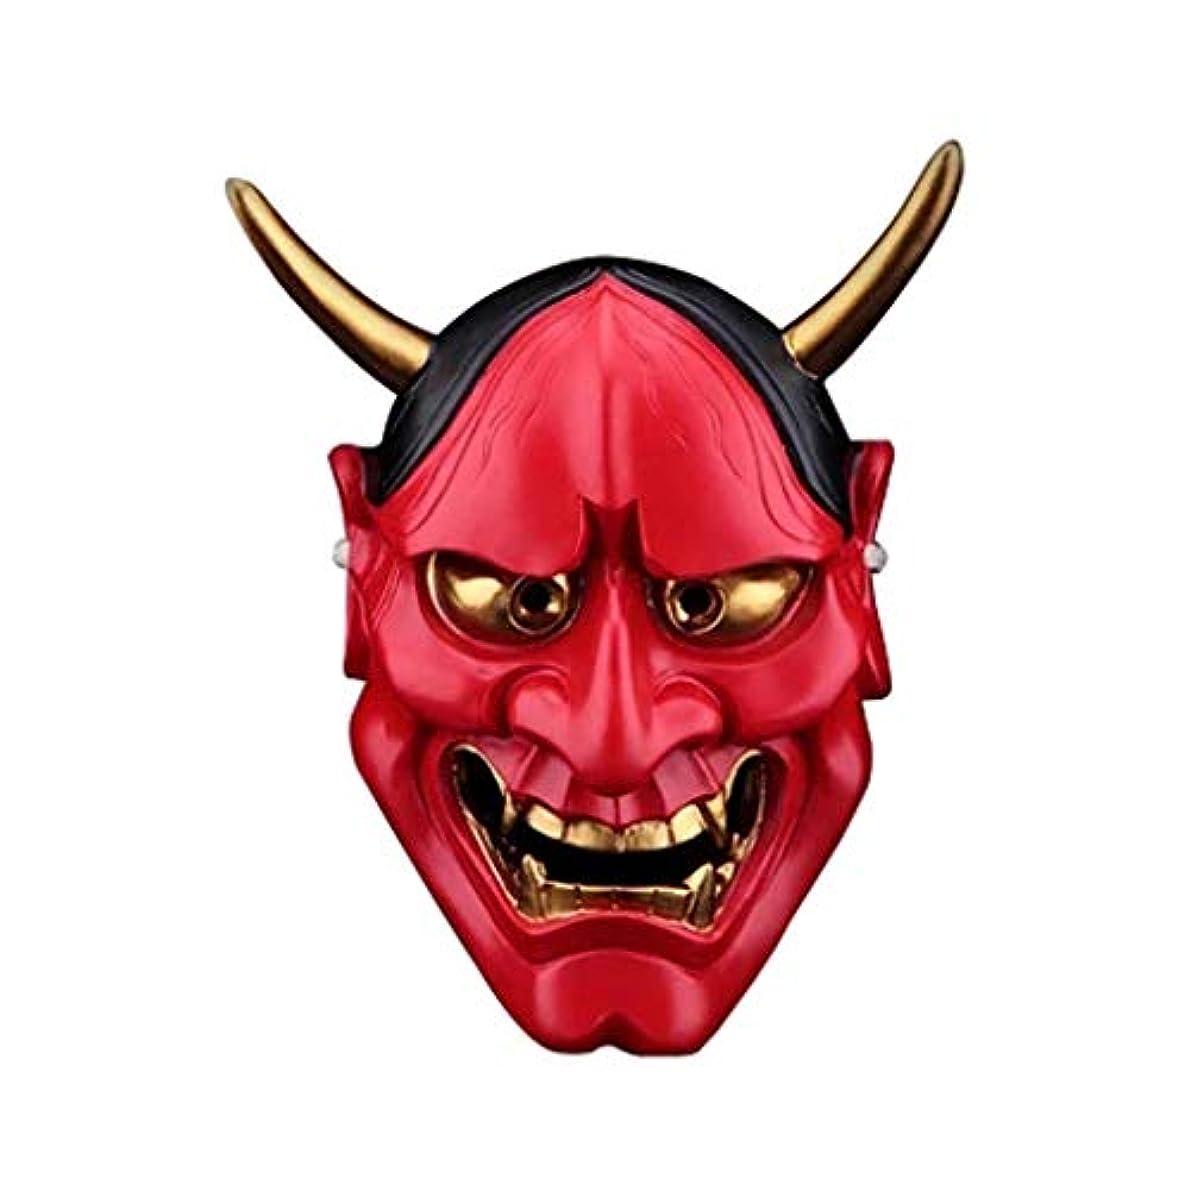 ジムどこにでも懐疑論ハロウィンホラーマスク、成人用樹脂マスクデコレーション (Color : RED)